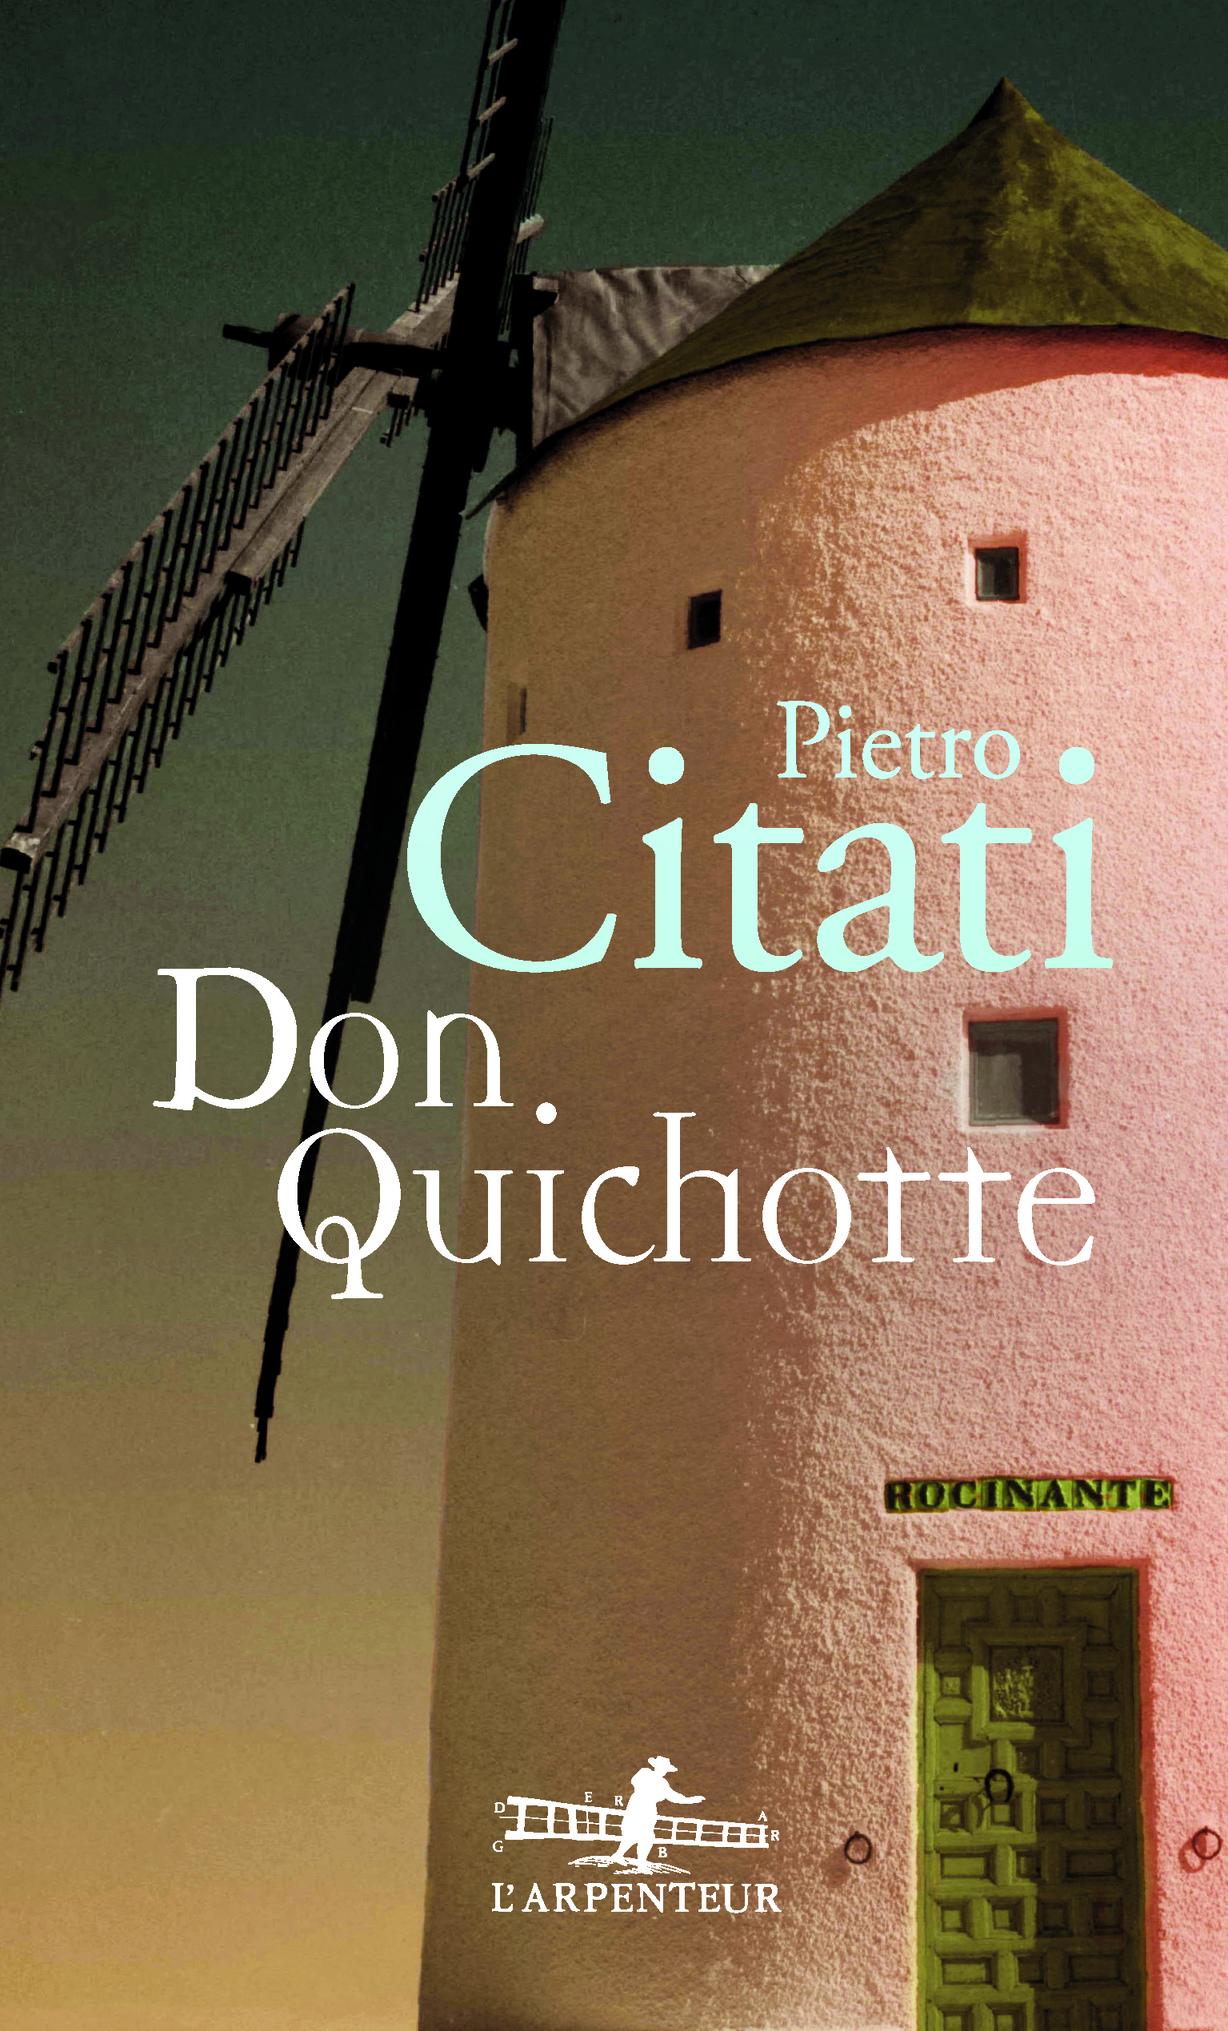 P. Citati, Don Quichotte